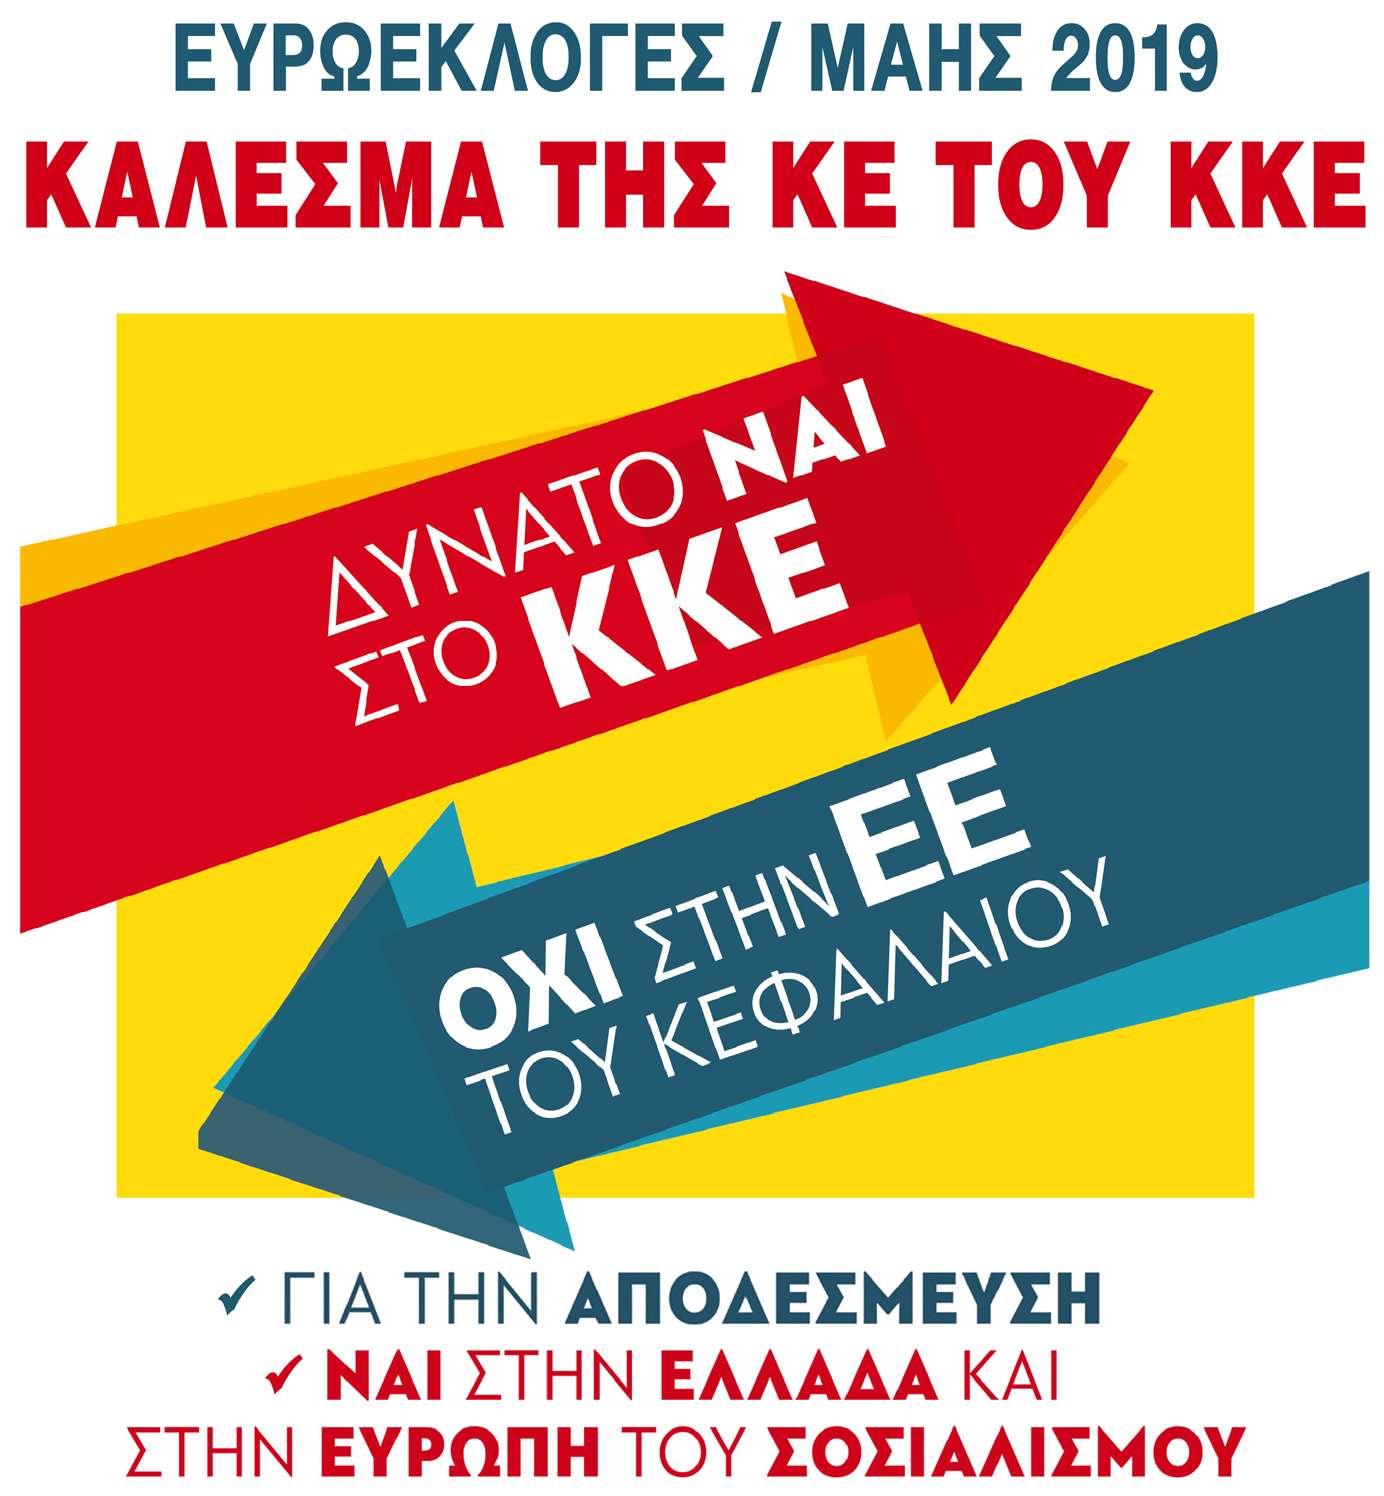 €υρω ΕΚΛΟΓΕΣ 2019 logo